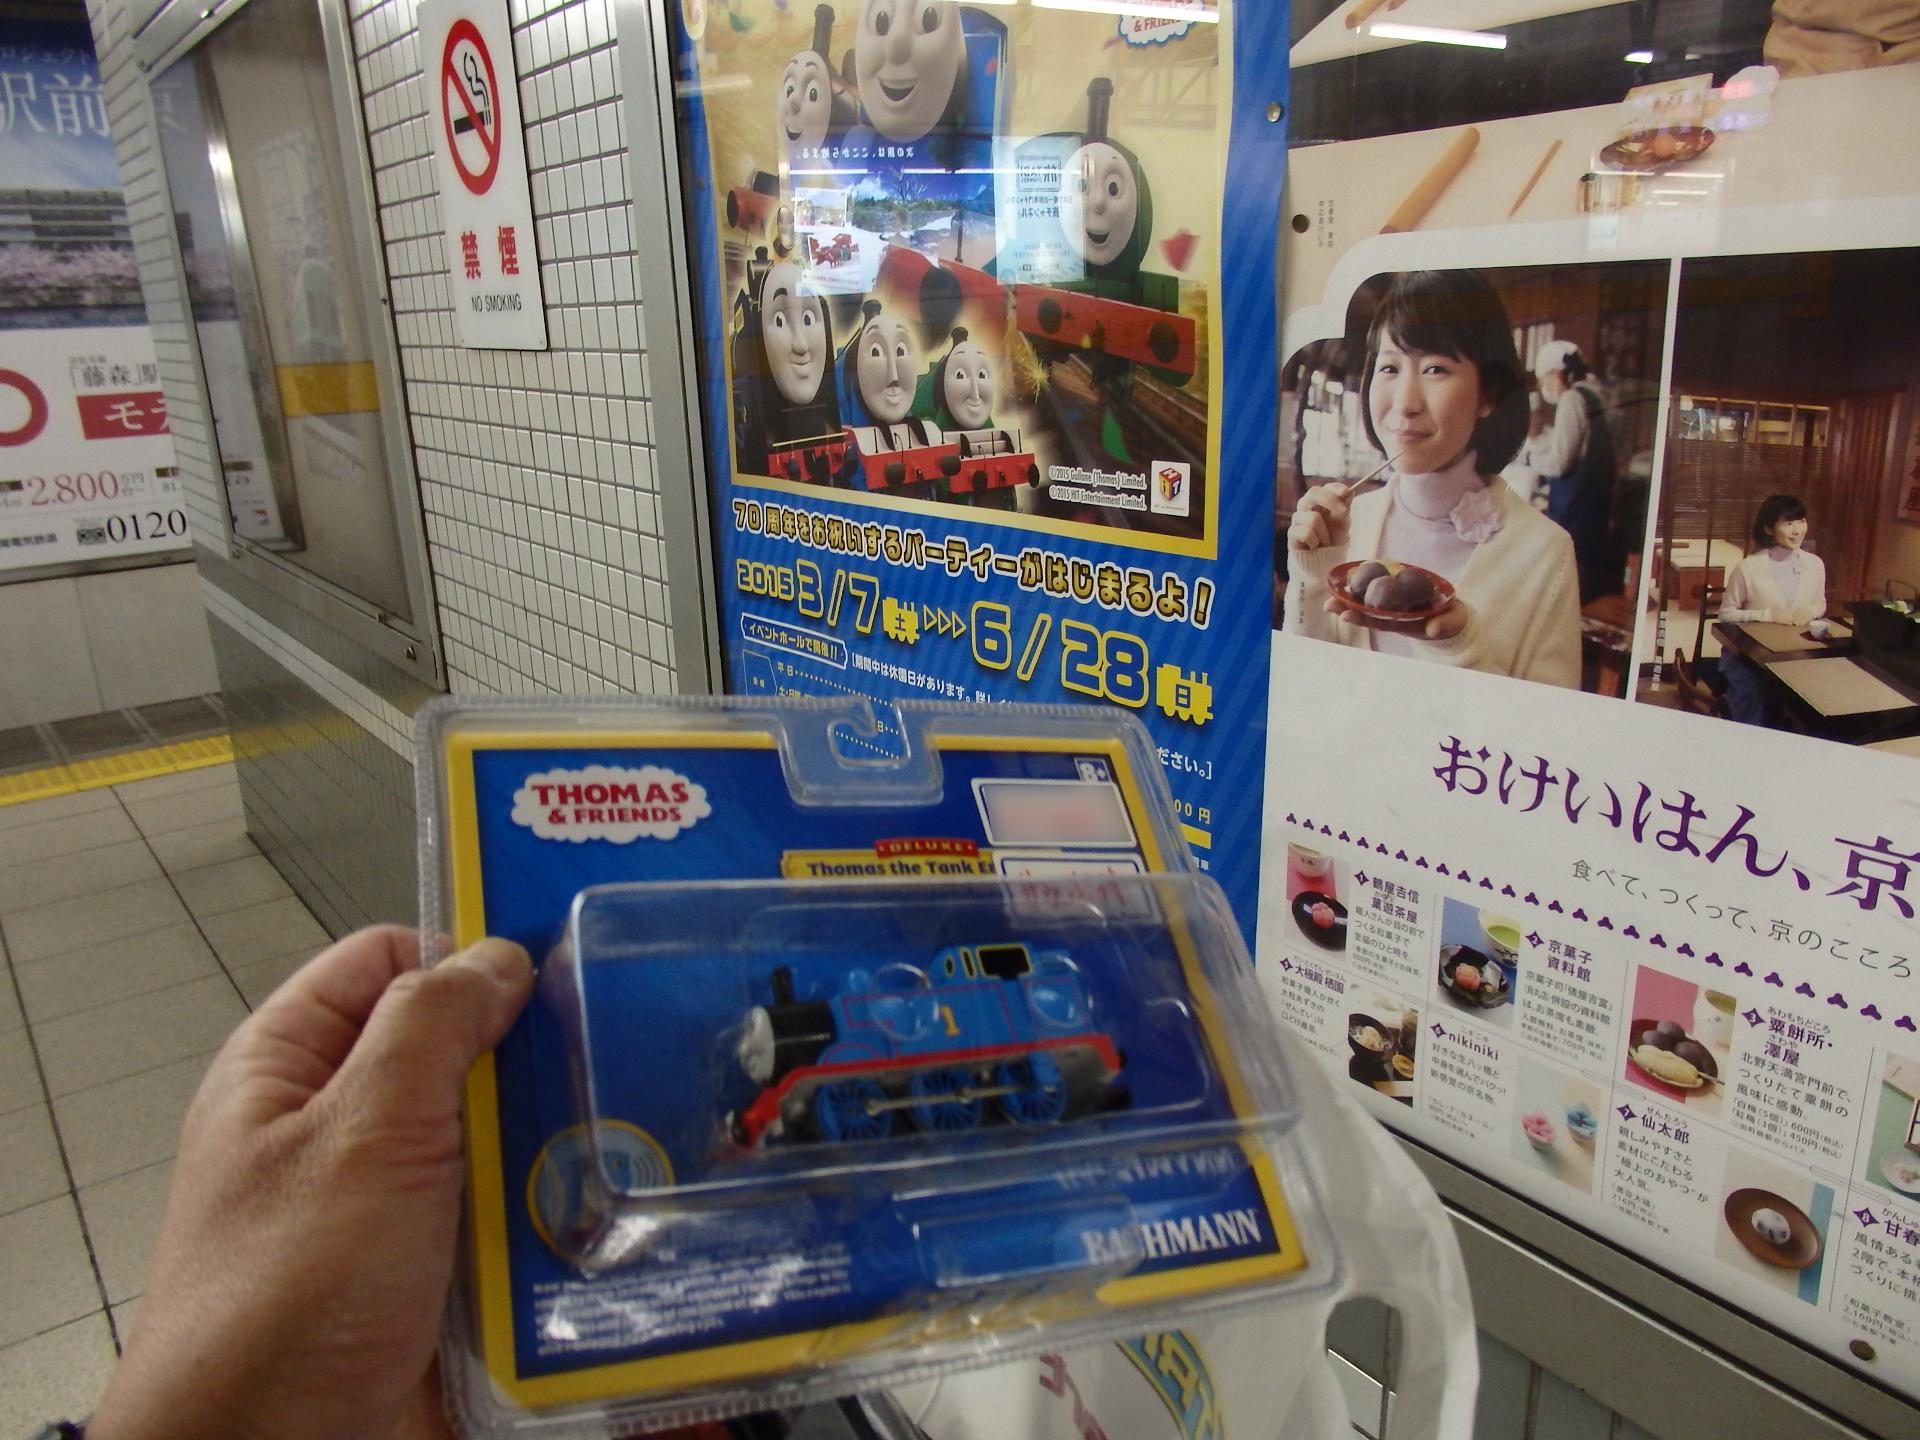 祇園四条駅構内です。